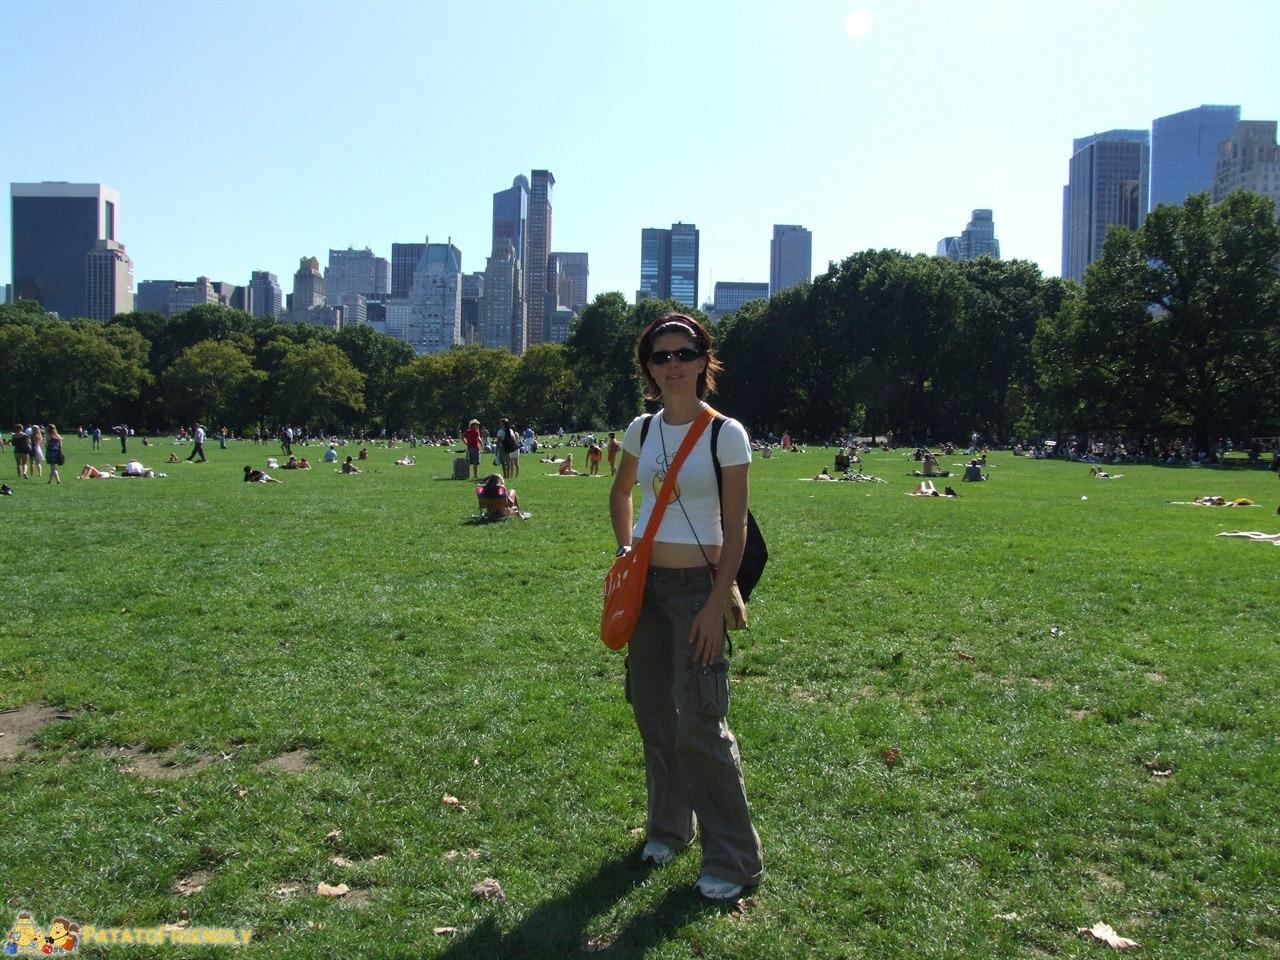 [cml_media_alt id='6655']I miei viaggi e quelli che vorrei fare - Il Central Park a New York[/cml_media_alt]